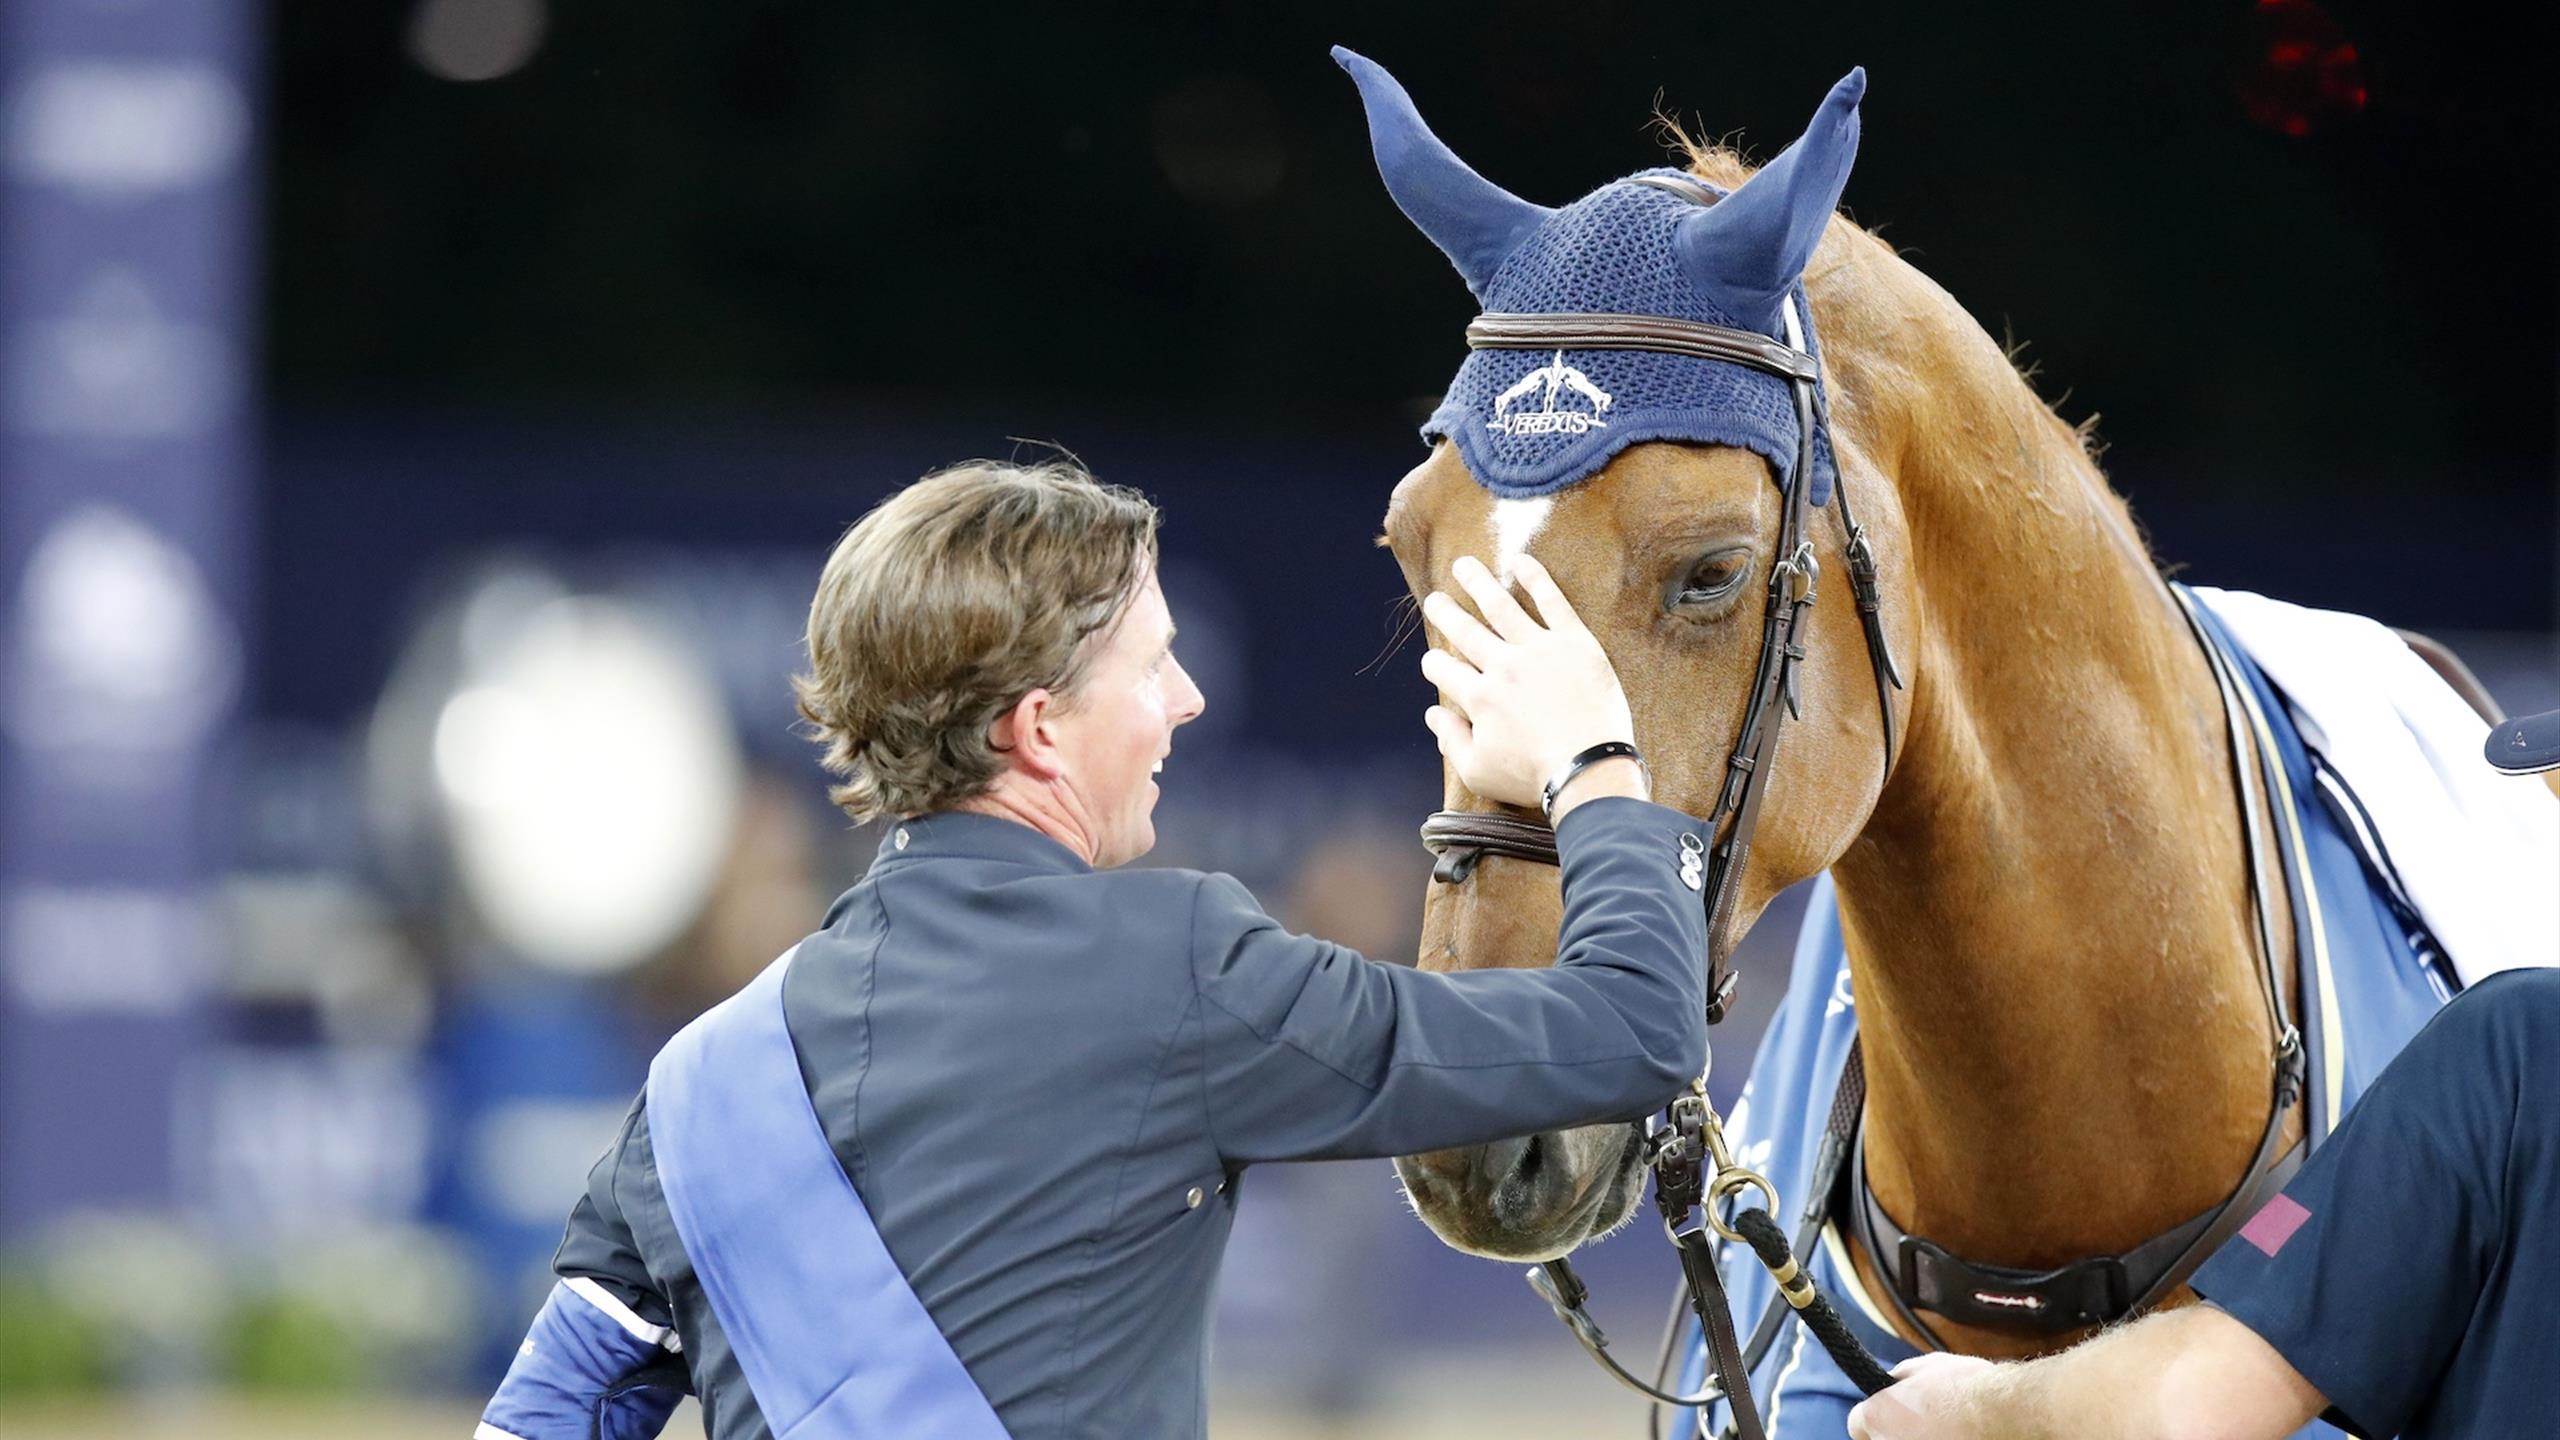 Бен майер конный спорт фото